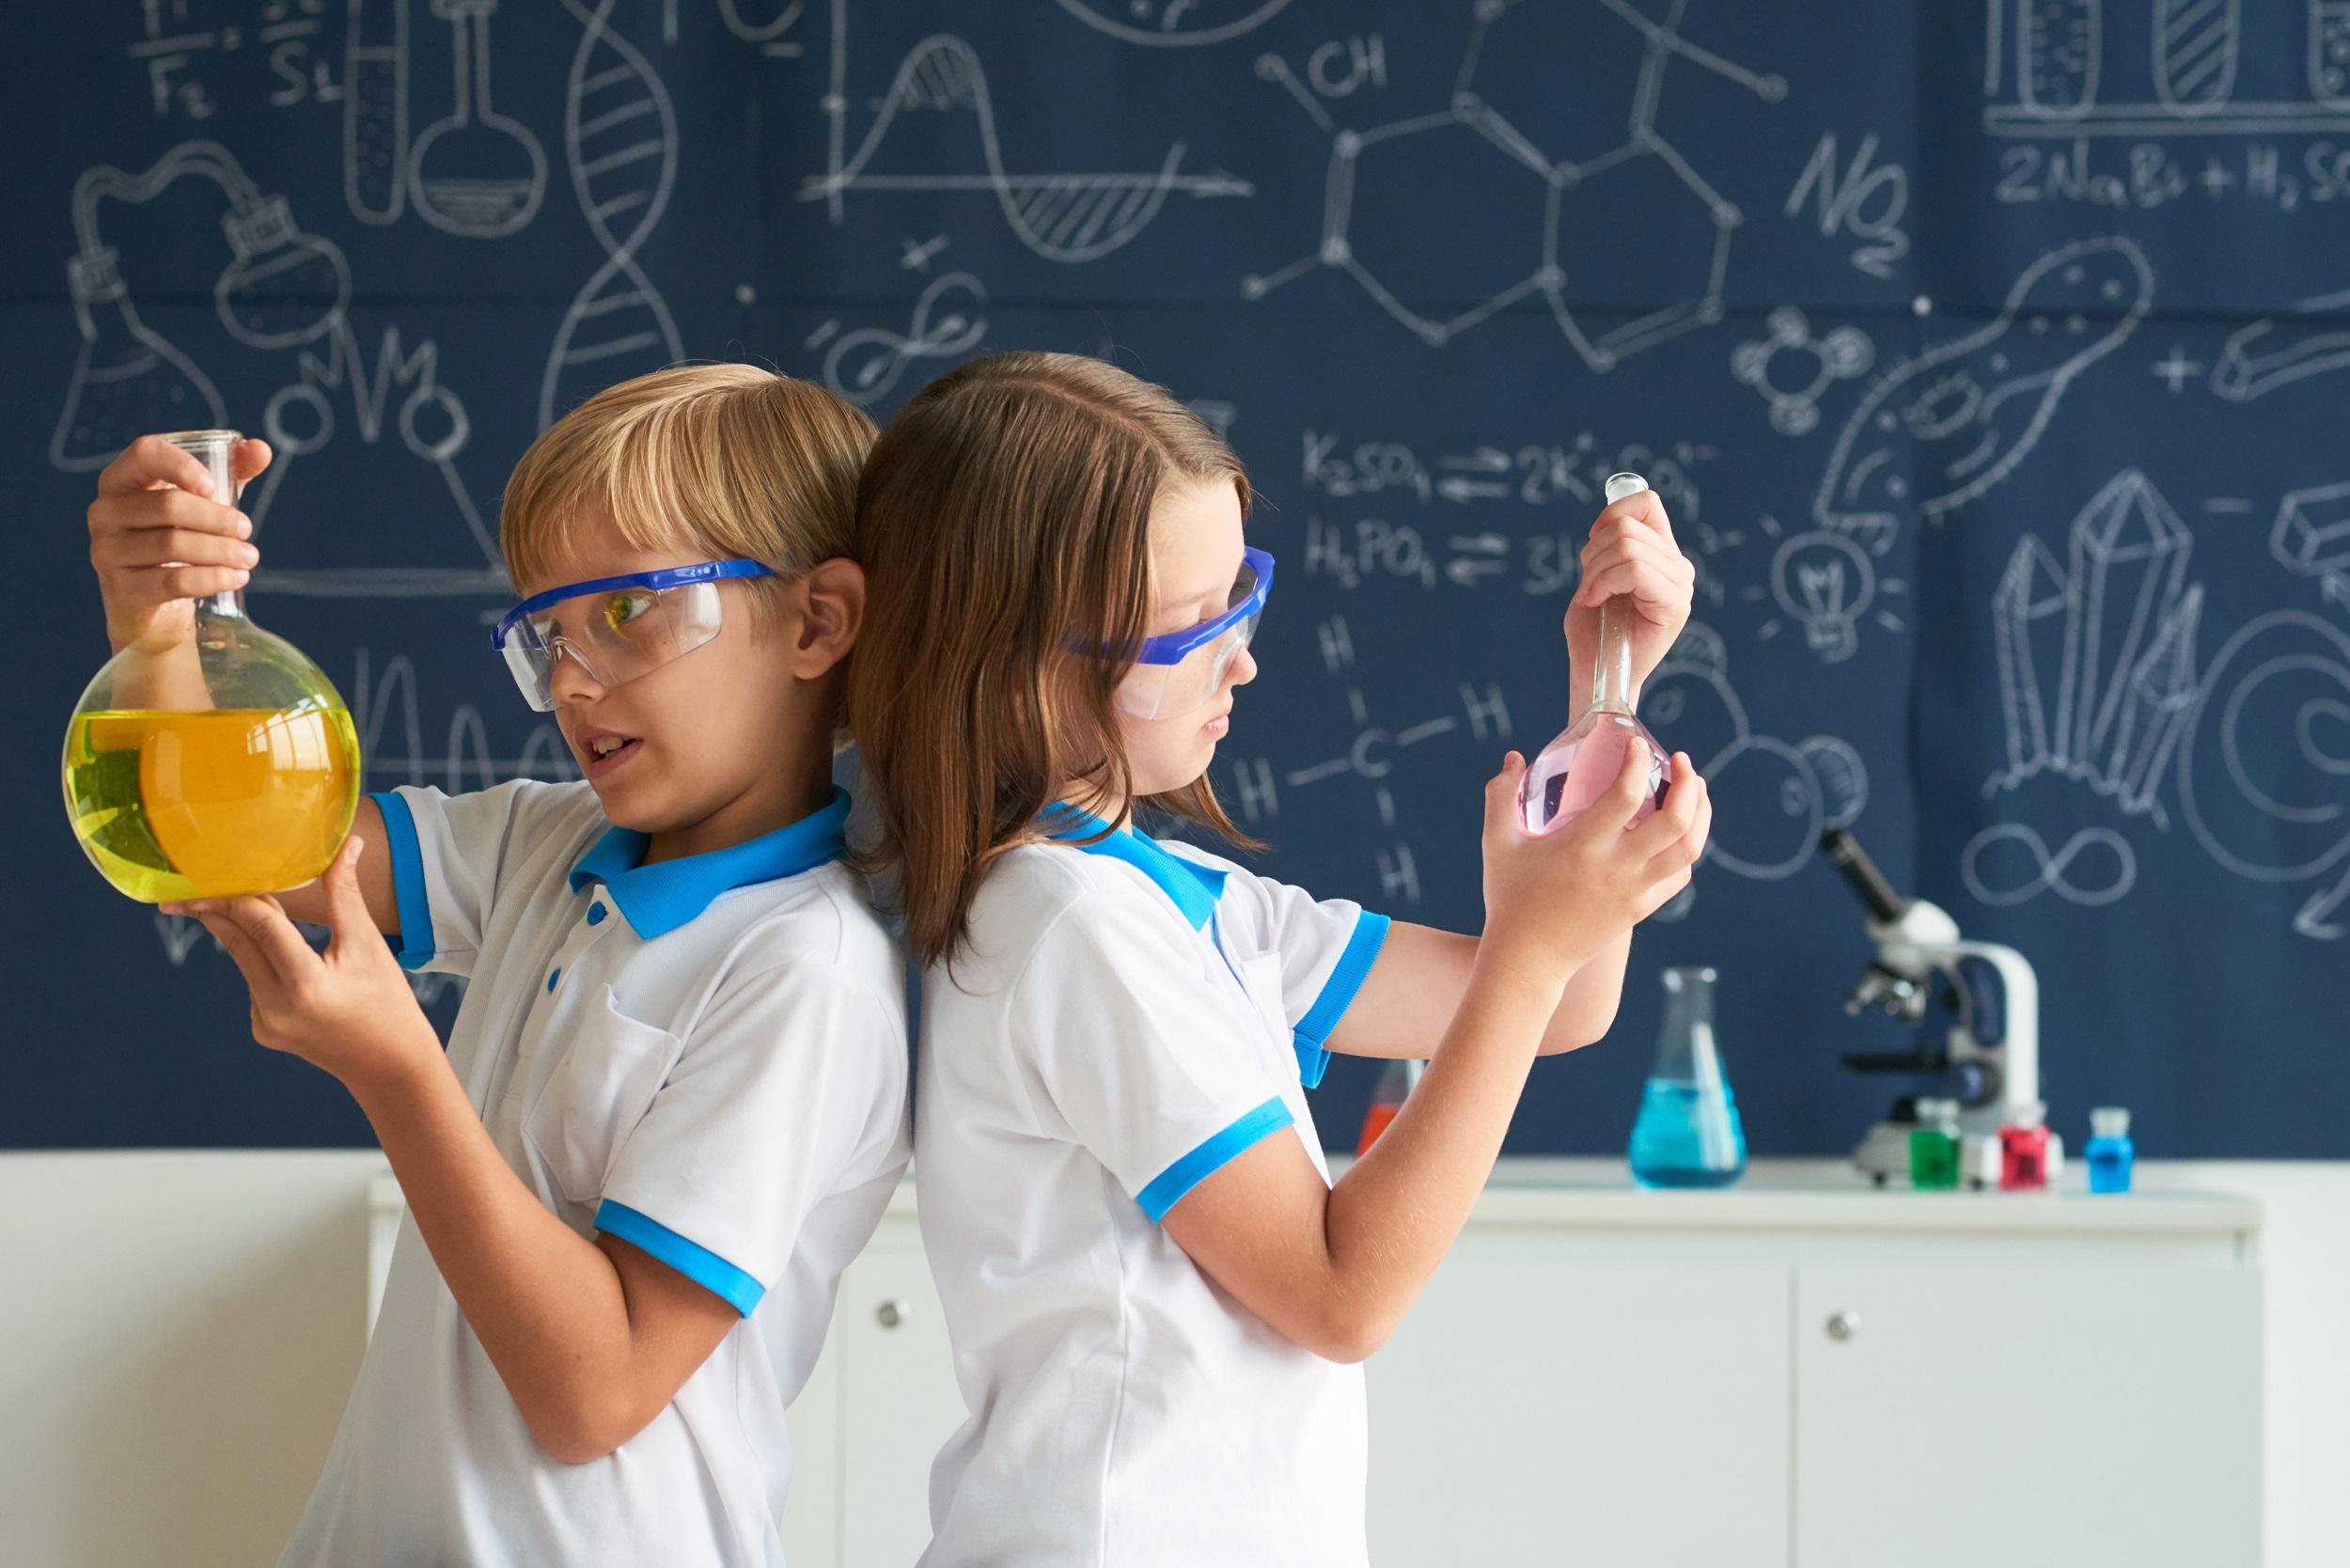 Top 4 esperimenti per bambini da fare in casa e scoprire insieme la natura UL95